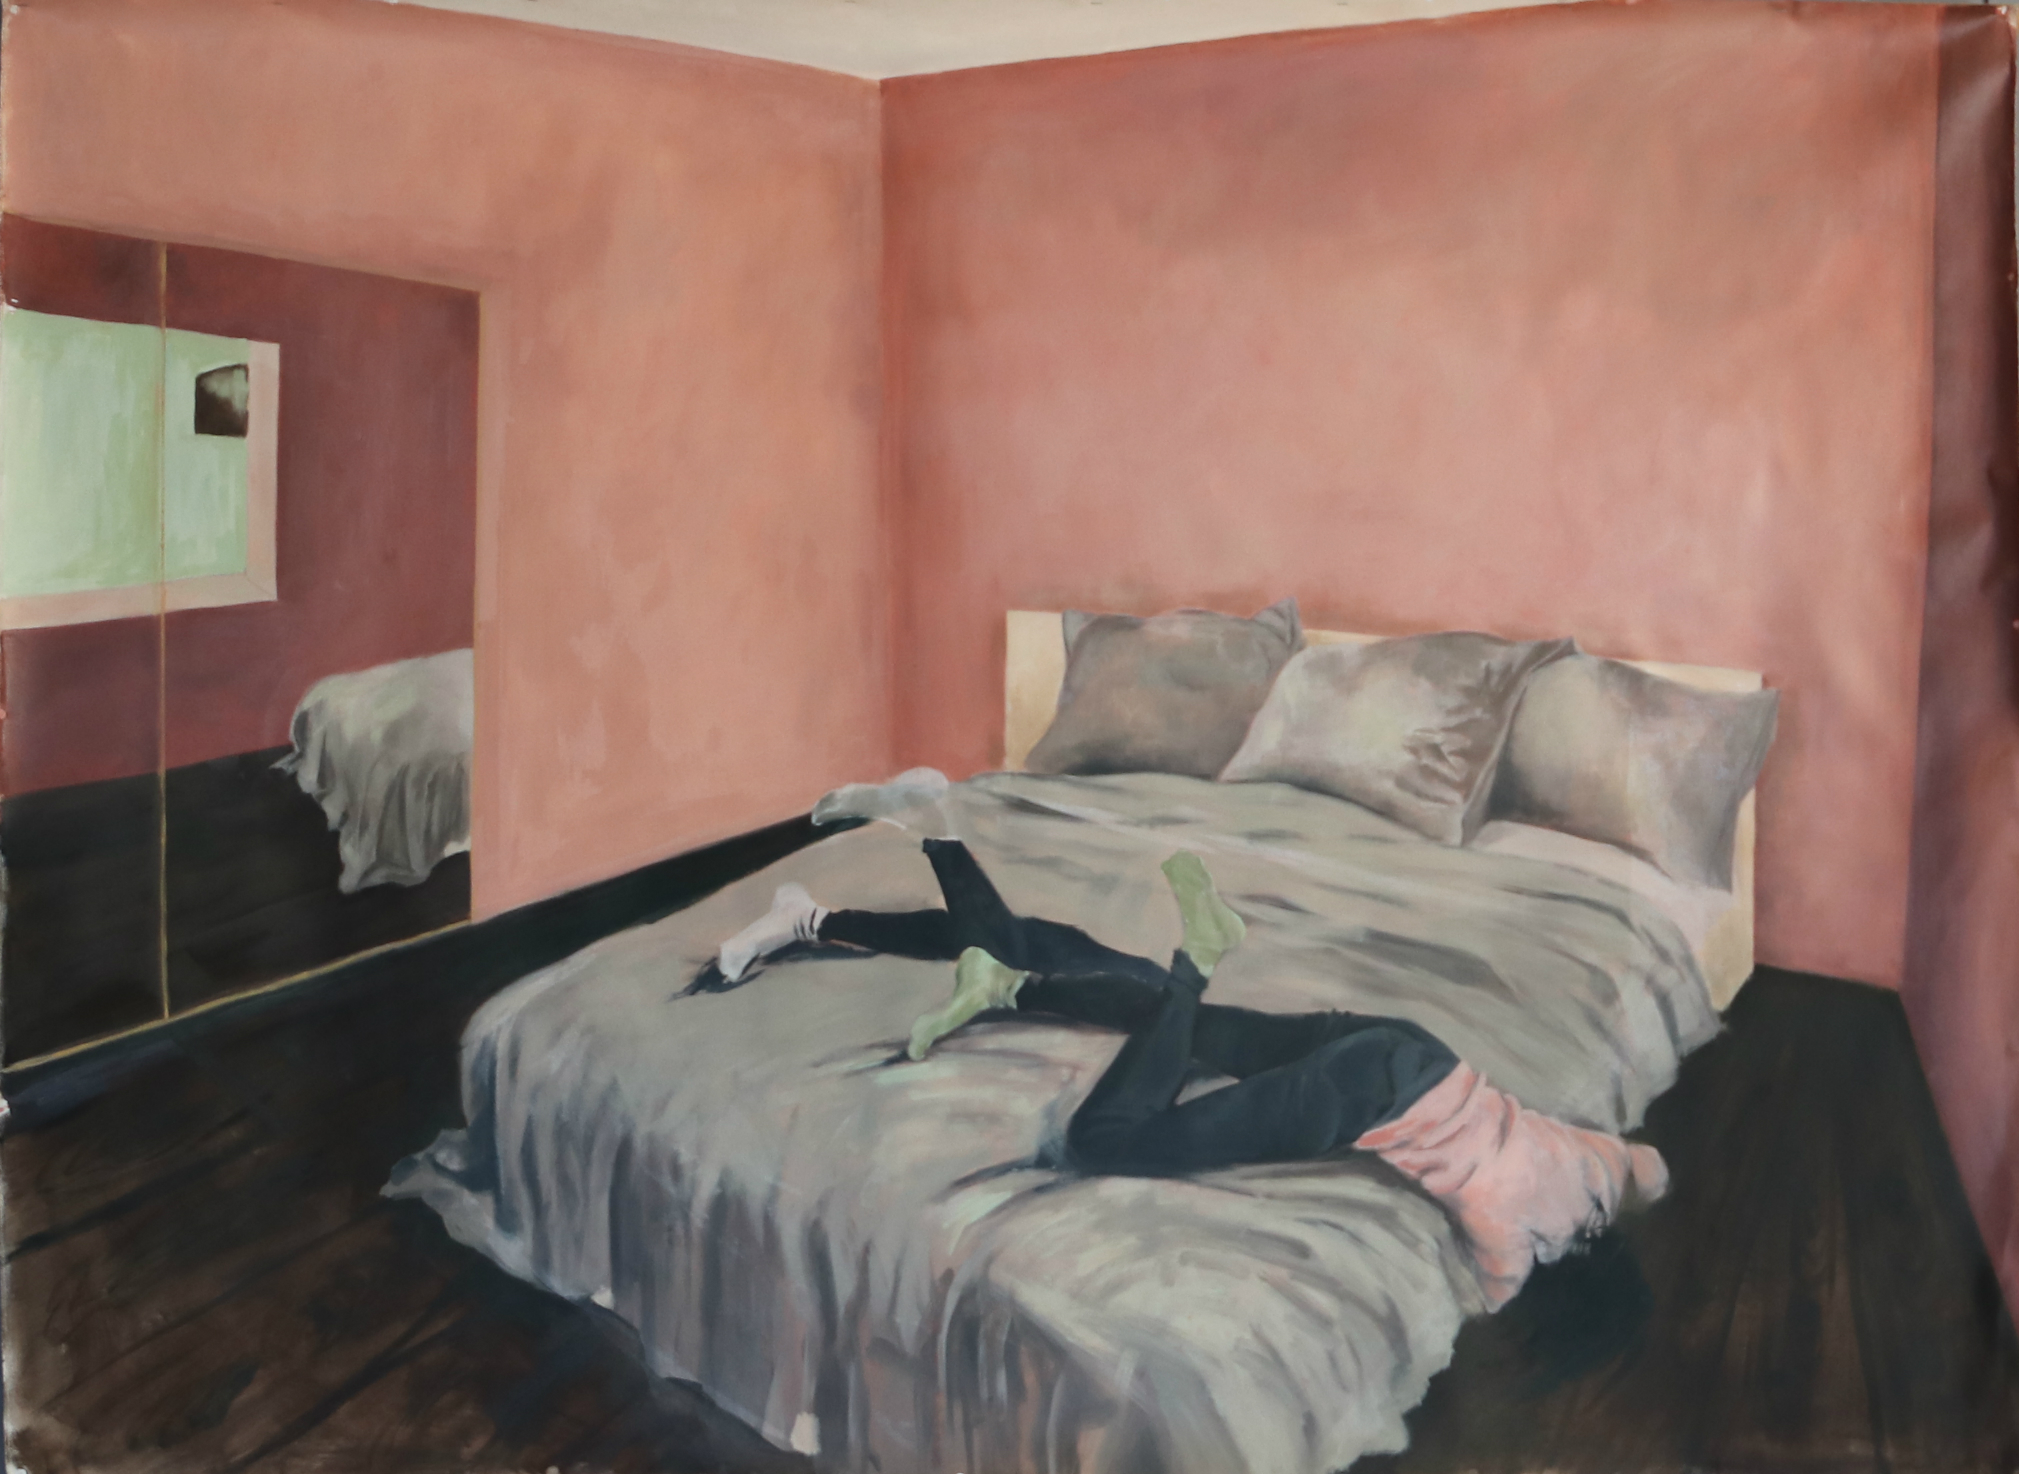 2(3) rom og kjøkken. Daydream  Oil on canvas, 160 x 215 cm, 2019